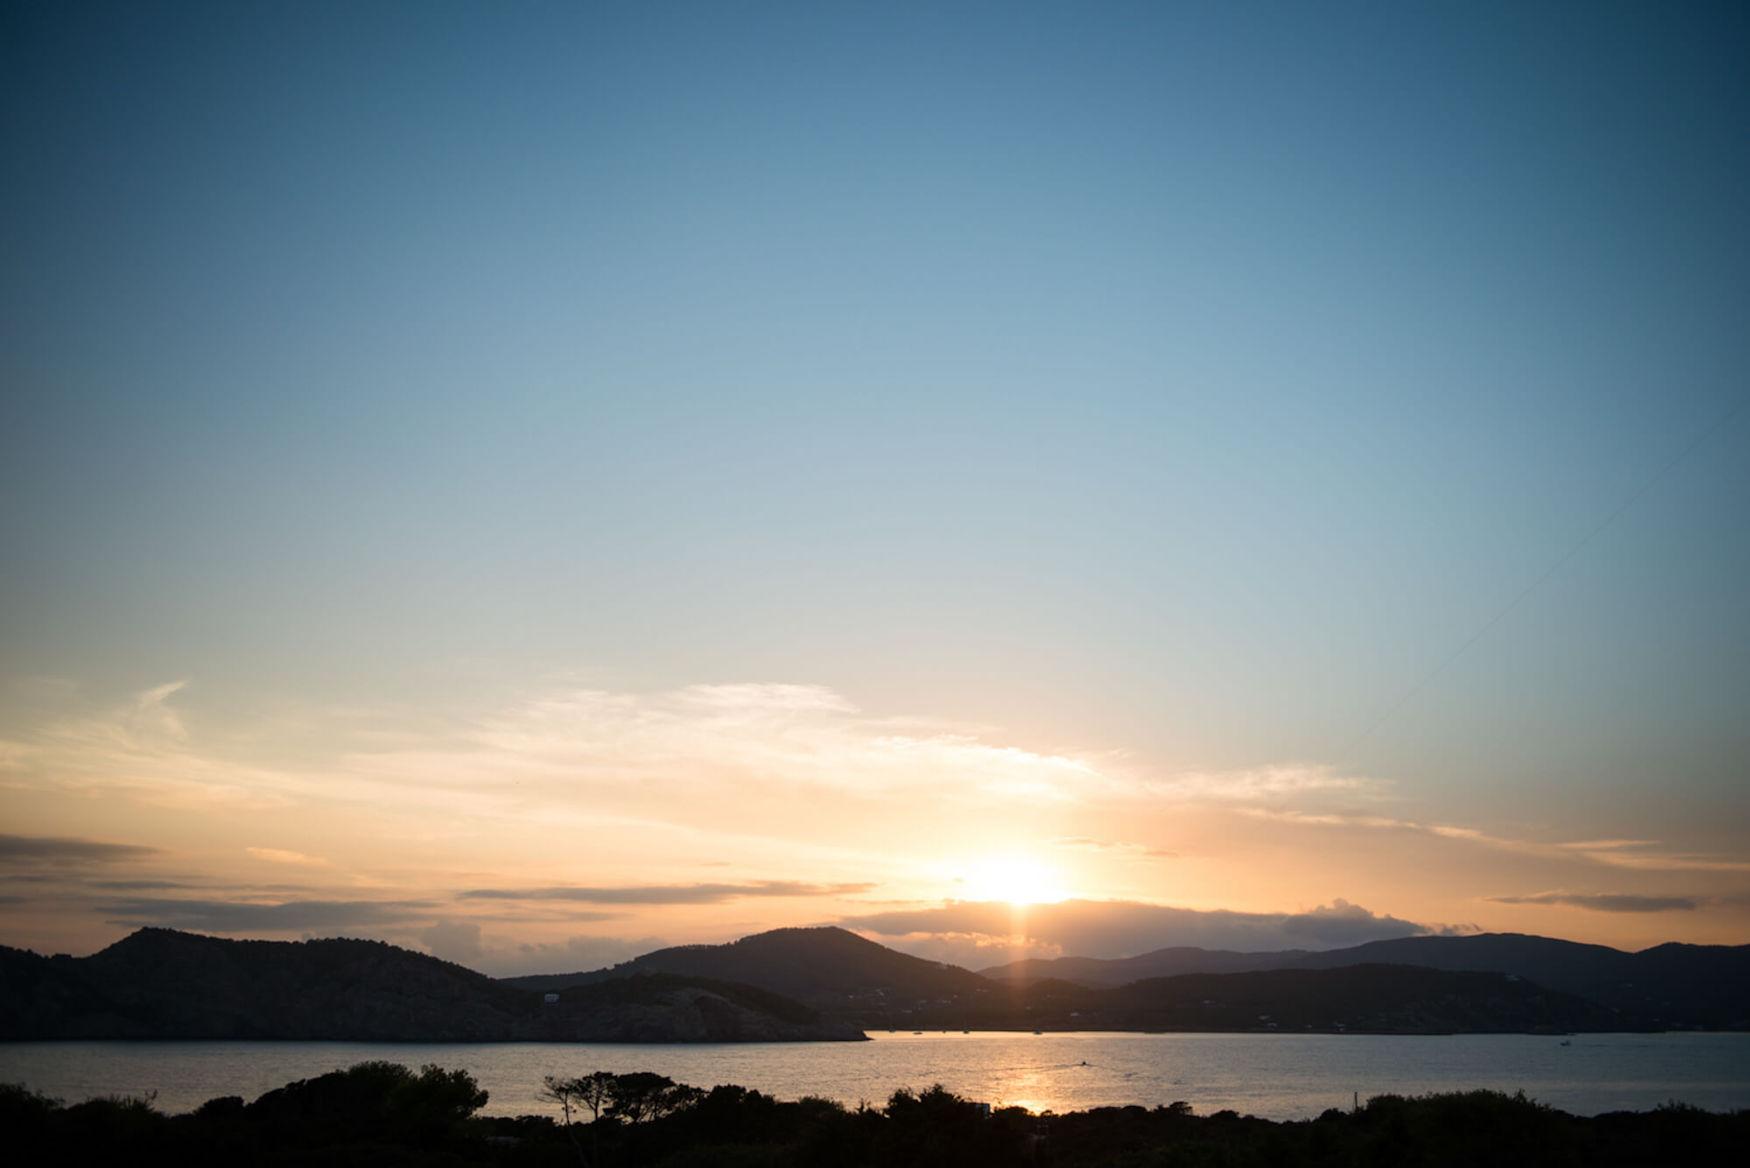 sunset over hills dusk light silhouette